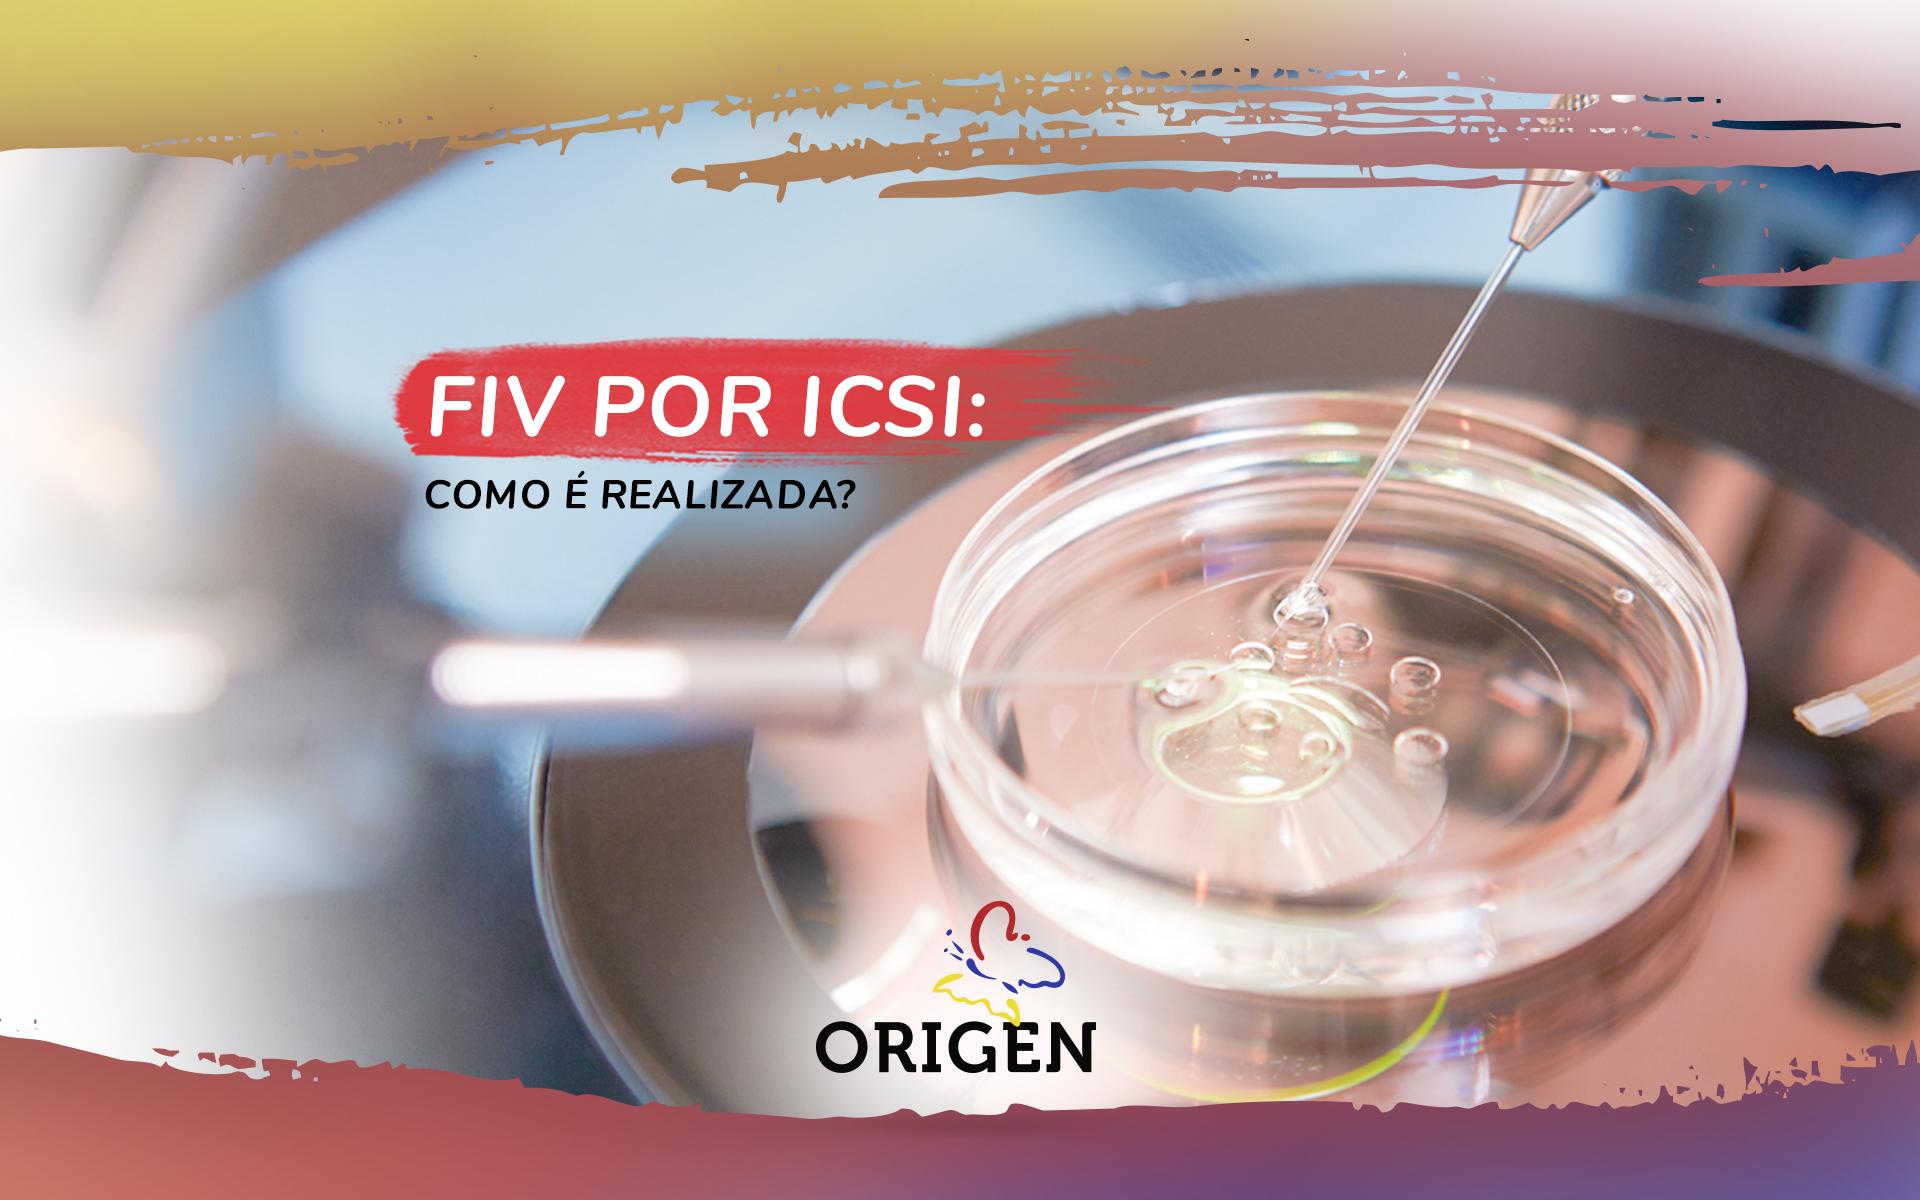 FIV por ICSI: como é realizada?